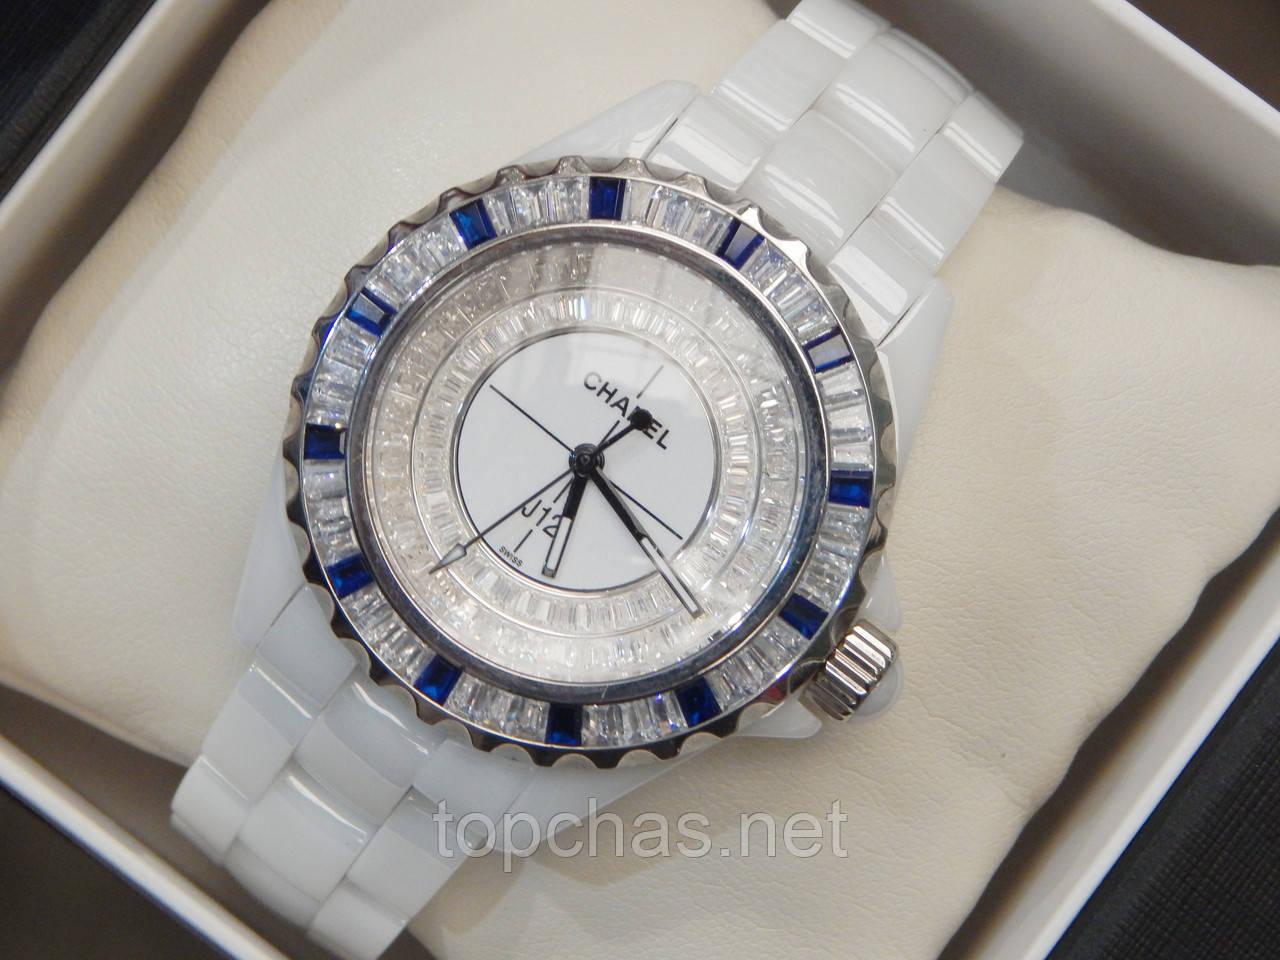 Часы chanel керамика купить мужские часы купить цены